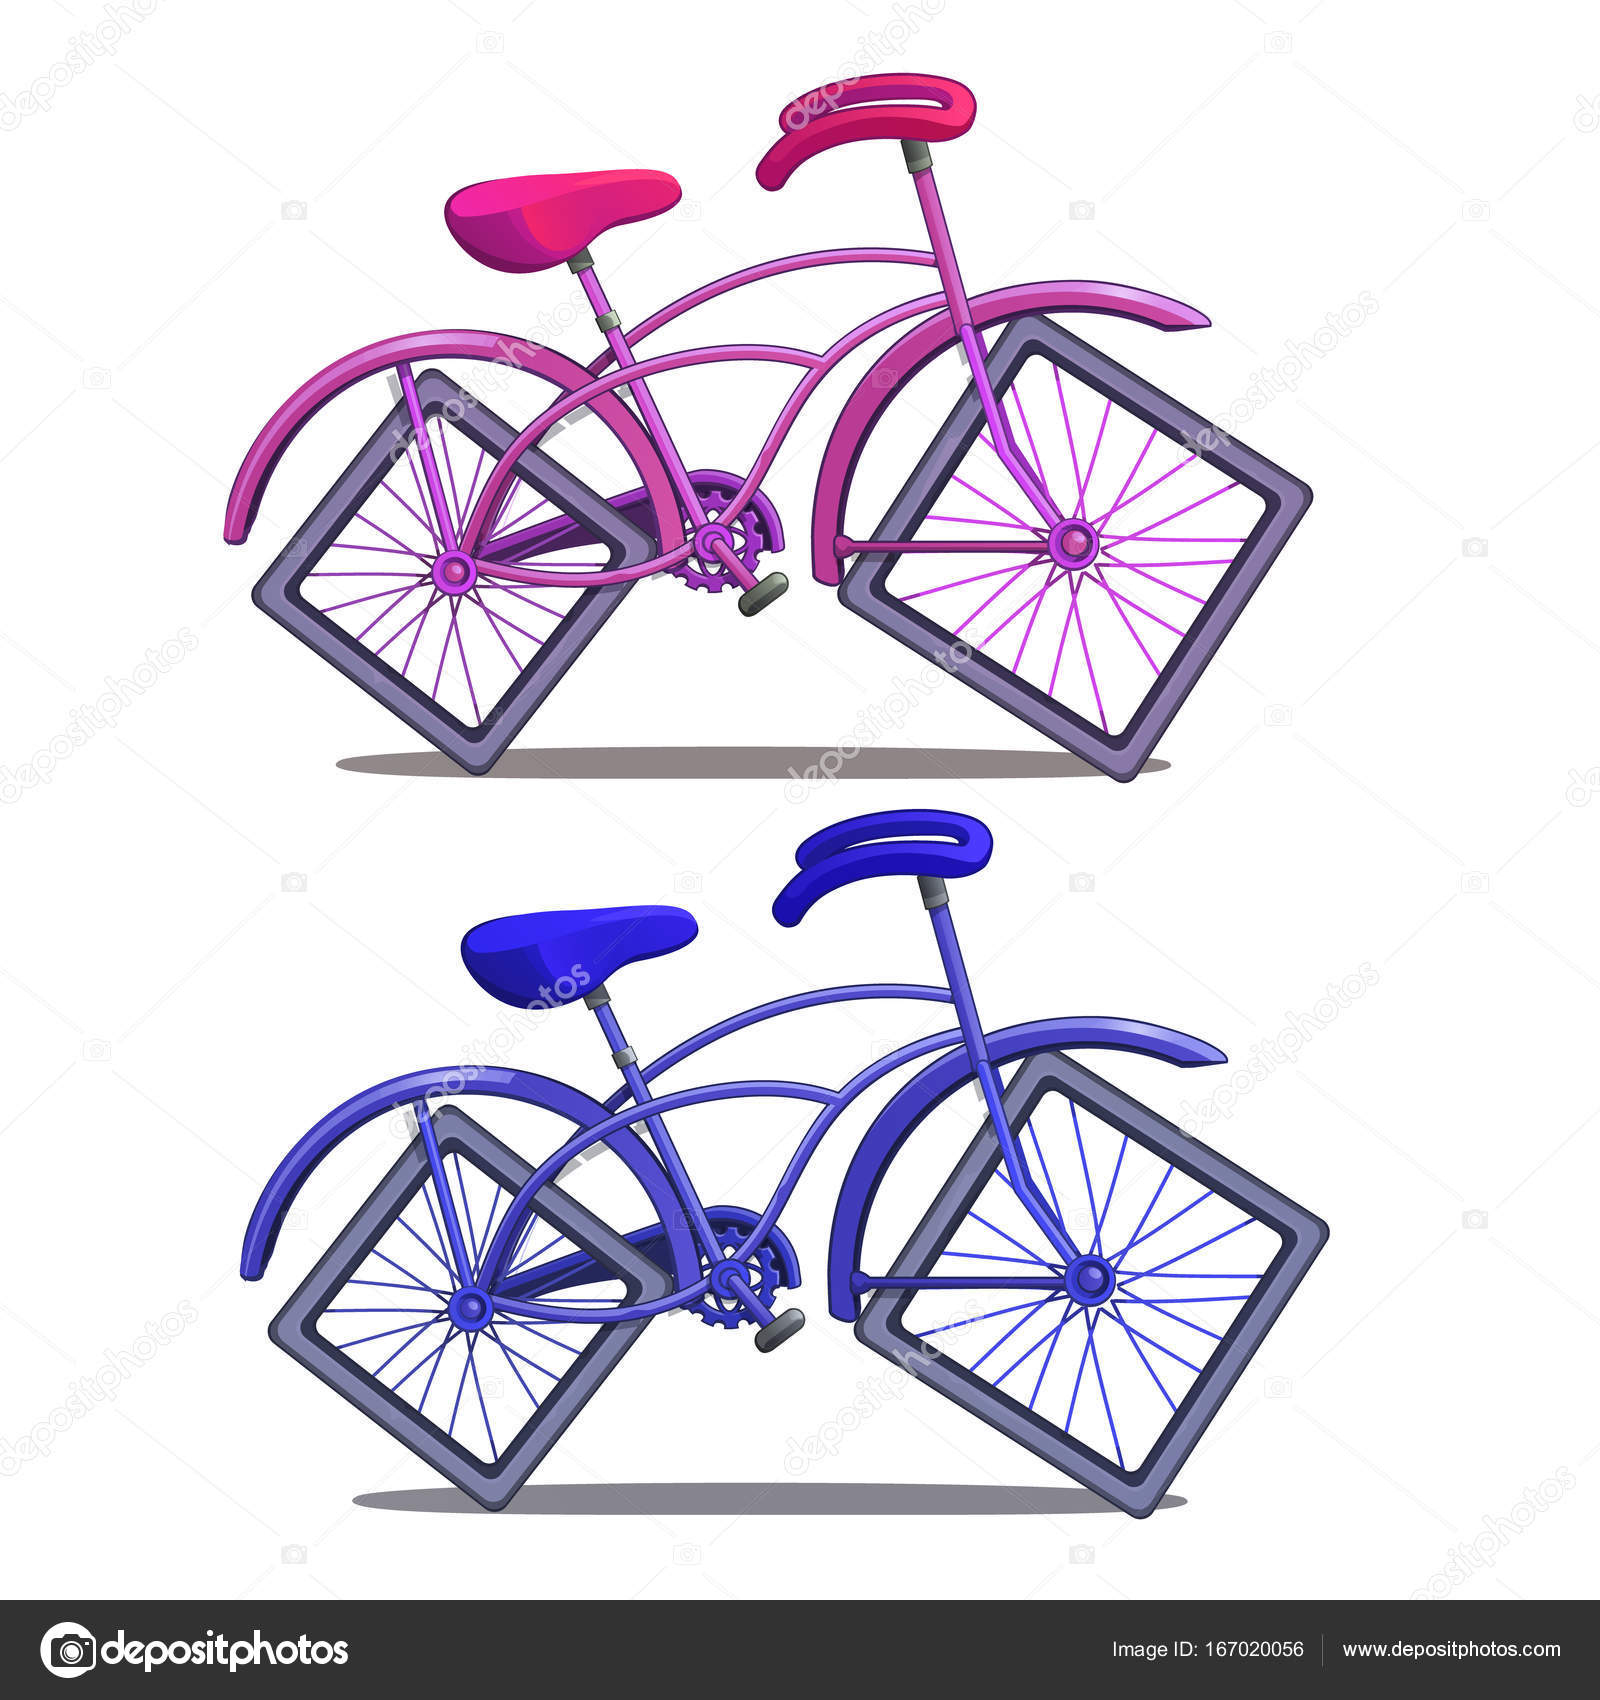 Rosa E Blu Biciclette Con Ruote Quadrate Isolato Su Priorità Bassa